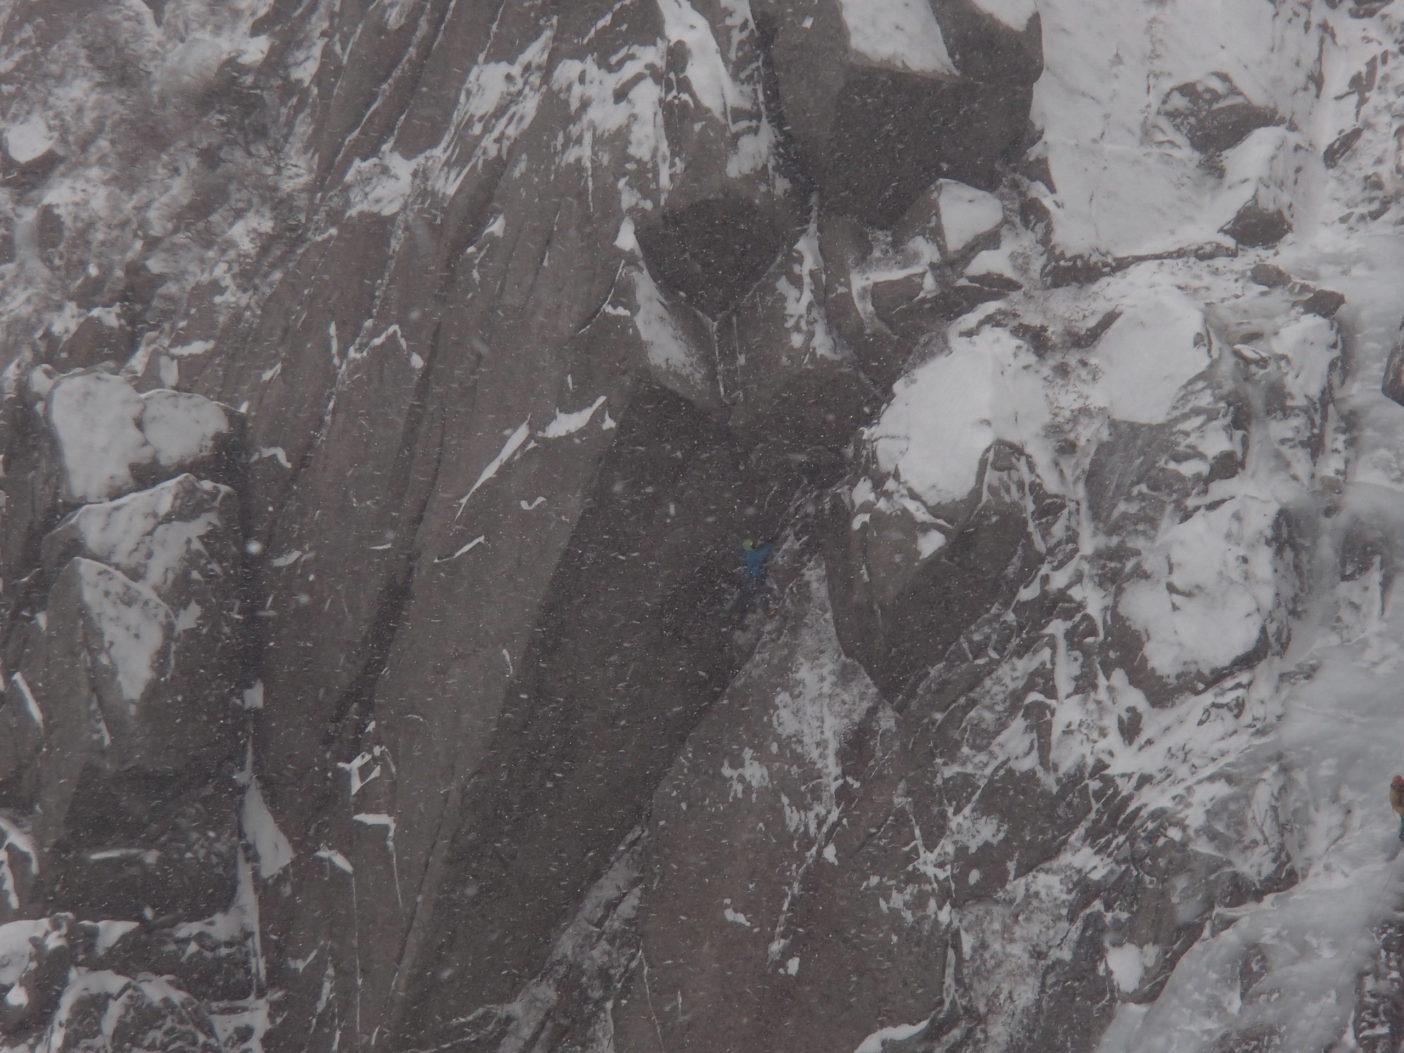 風雪の中尾根P2を登る花谷泰広。写真:ウィンタークライマーズミーティング提供